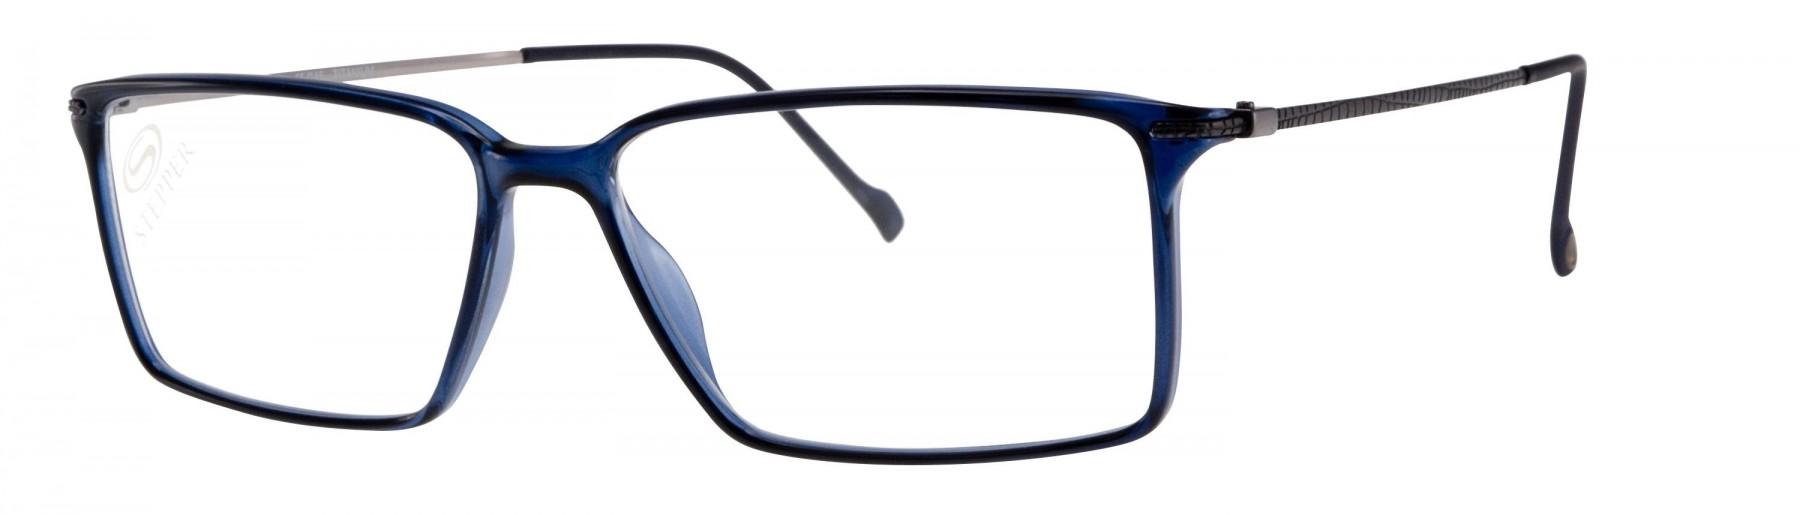 Stepper 20051 520 - Oculos de Grau